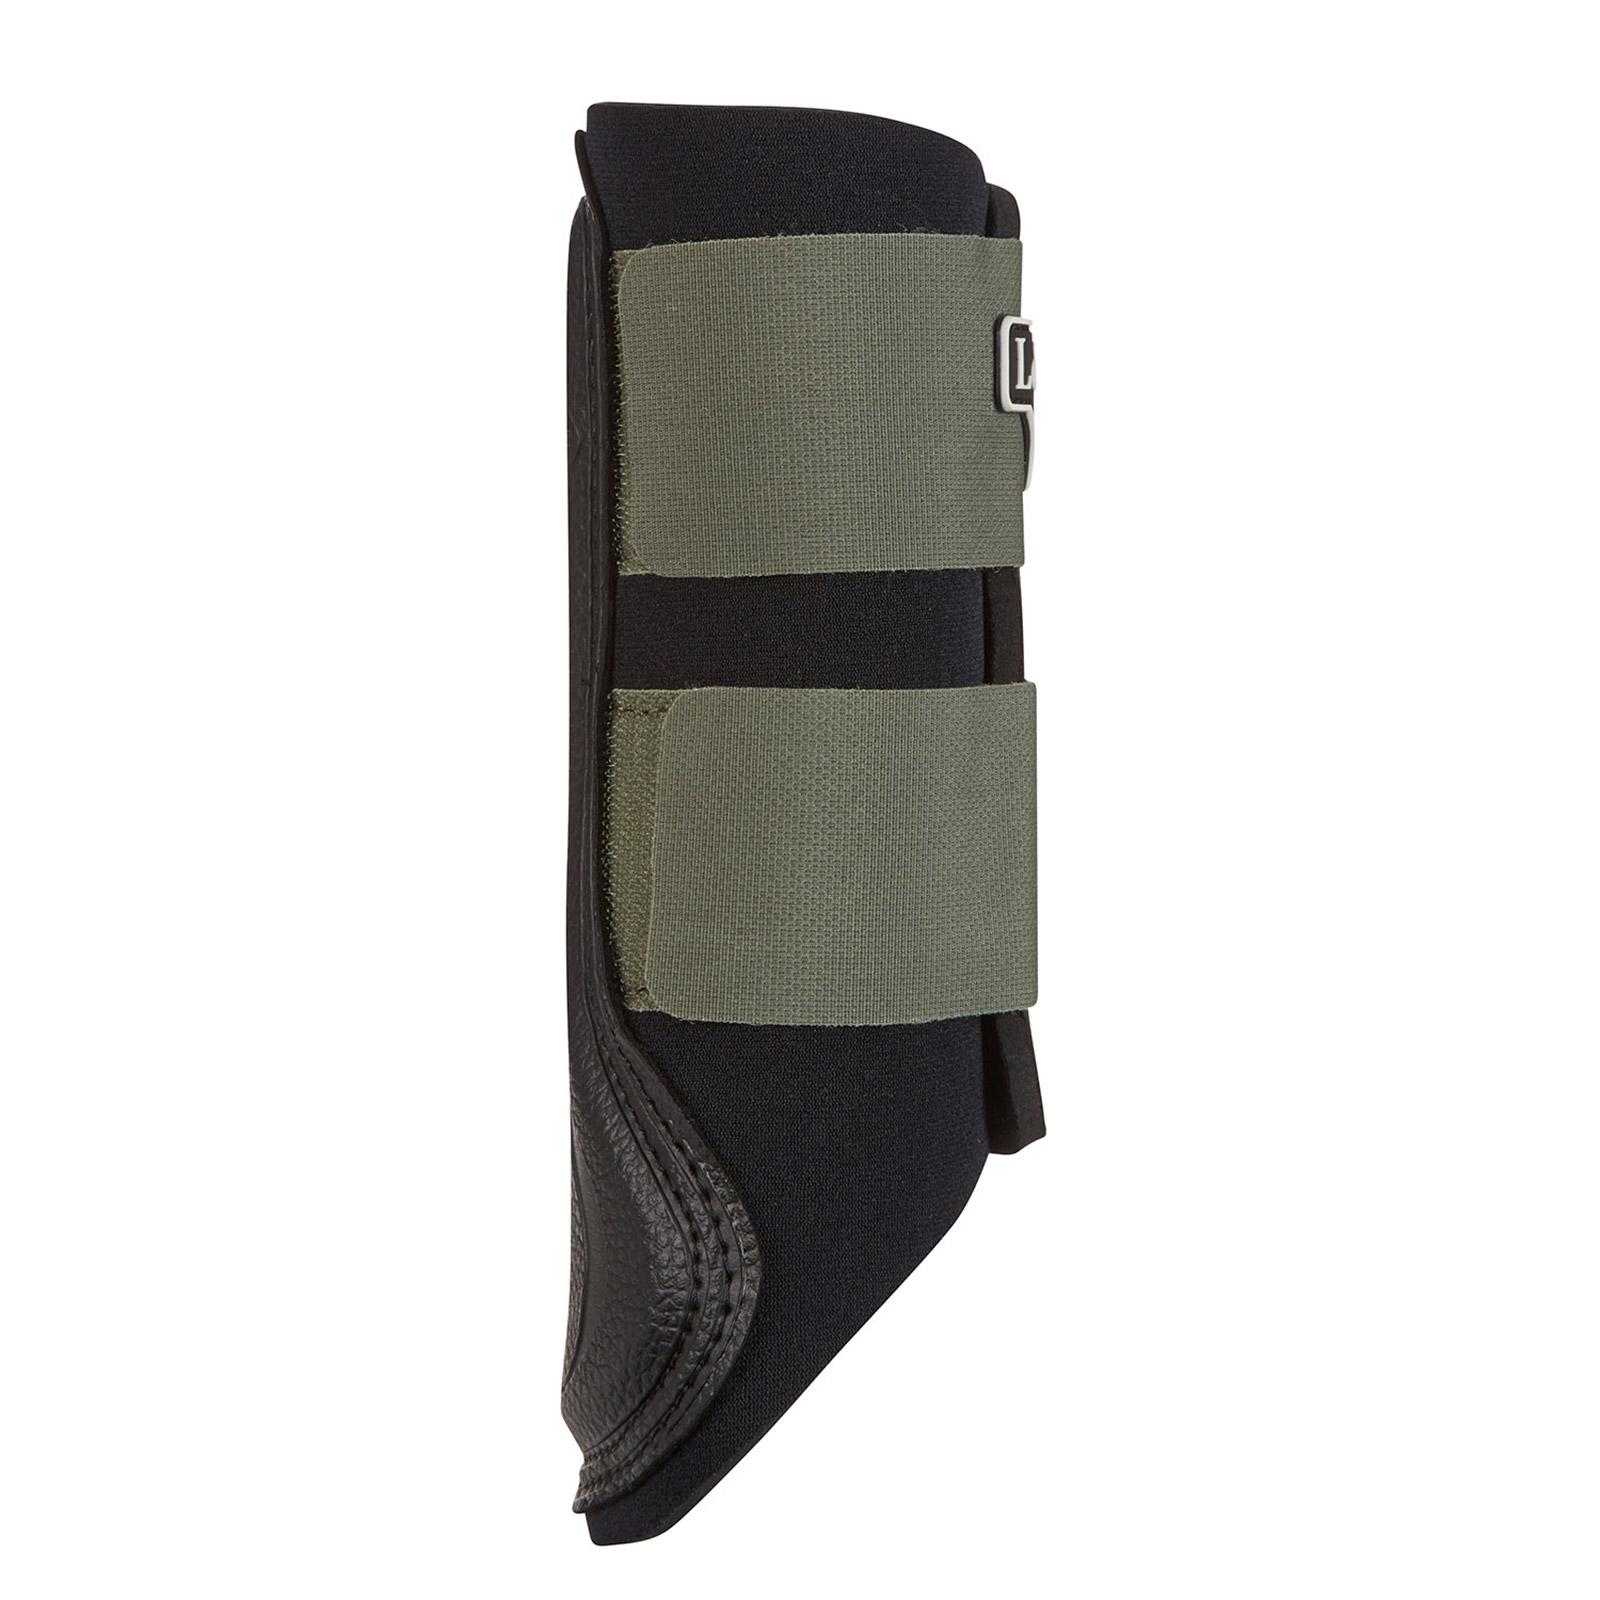 LEMIEUX-PROSPORT-Grafter-Brossage-Bottes-Leger-Protection miniature 33